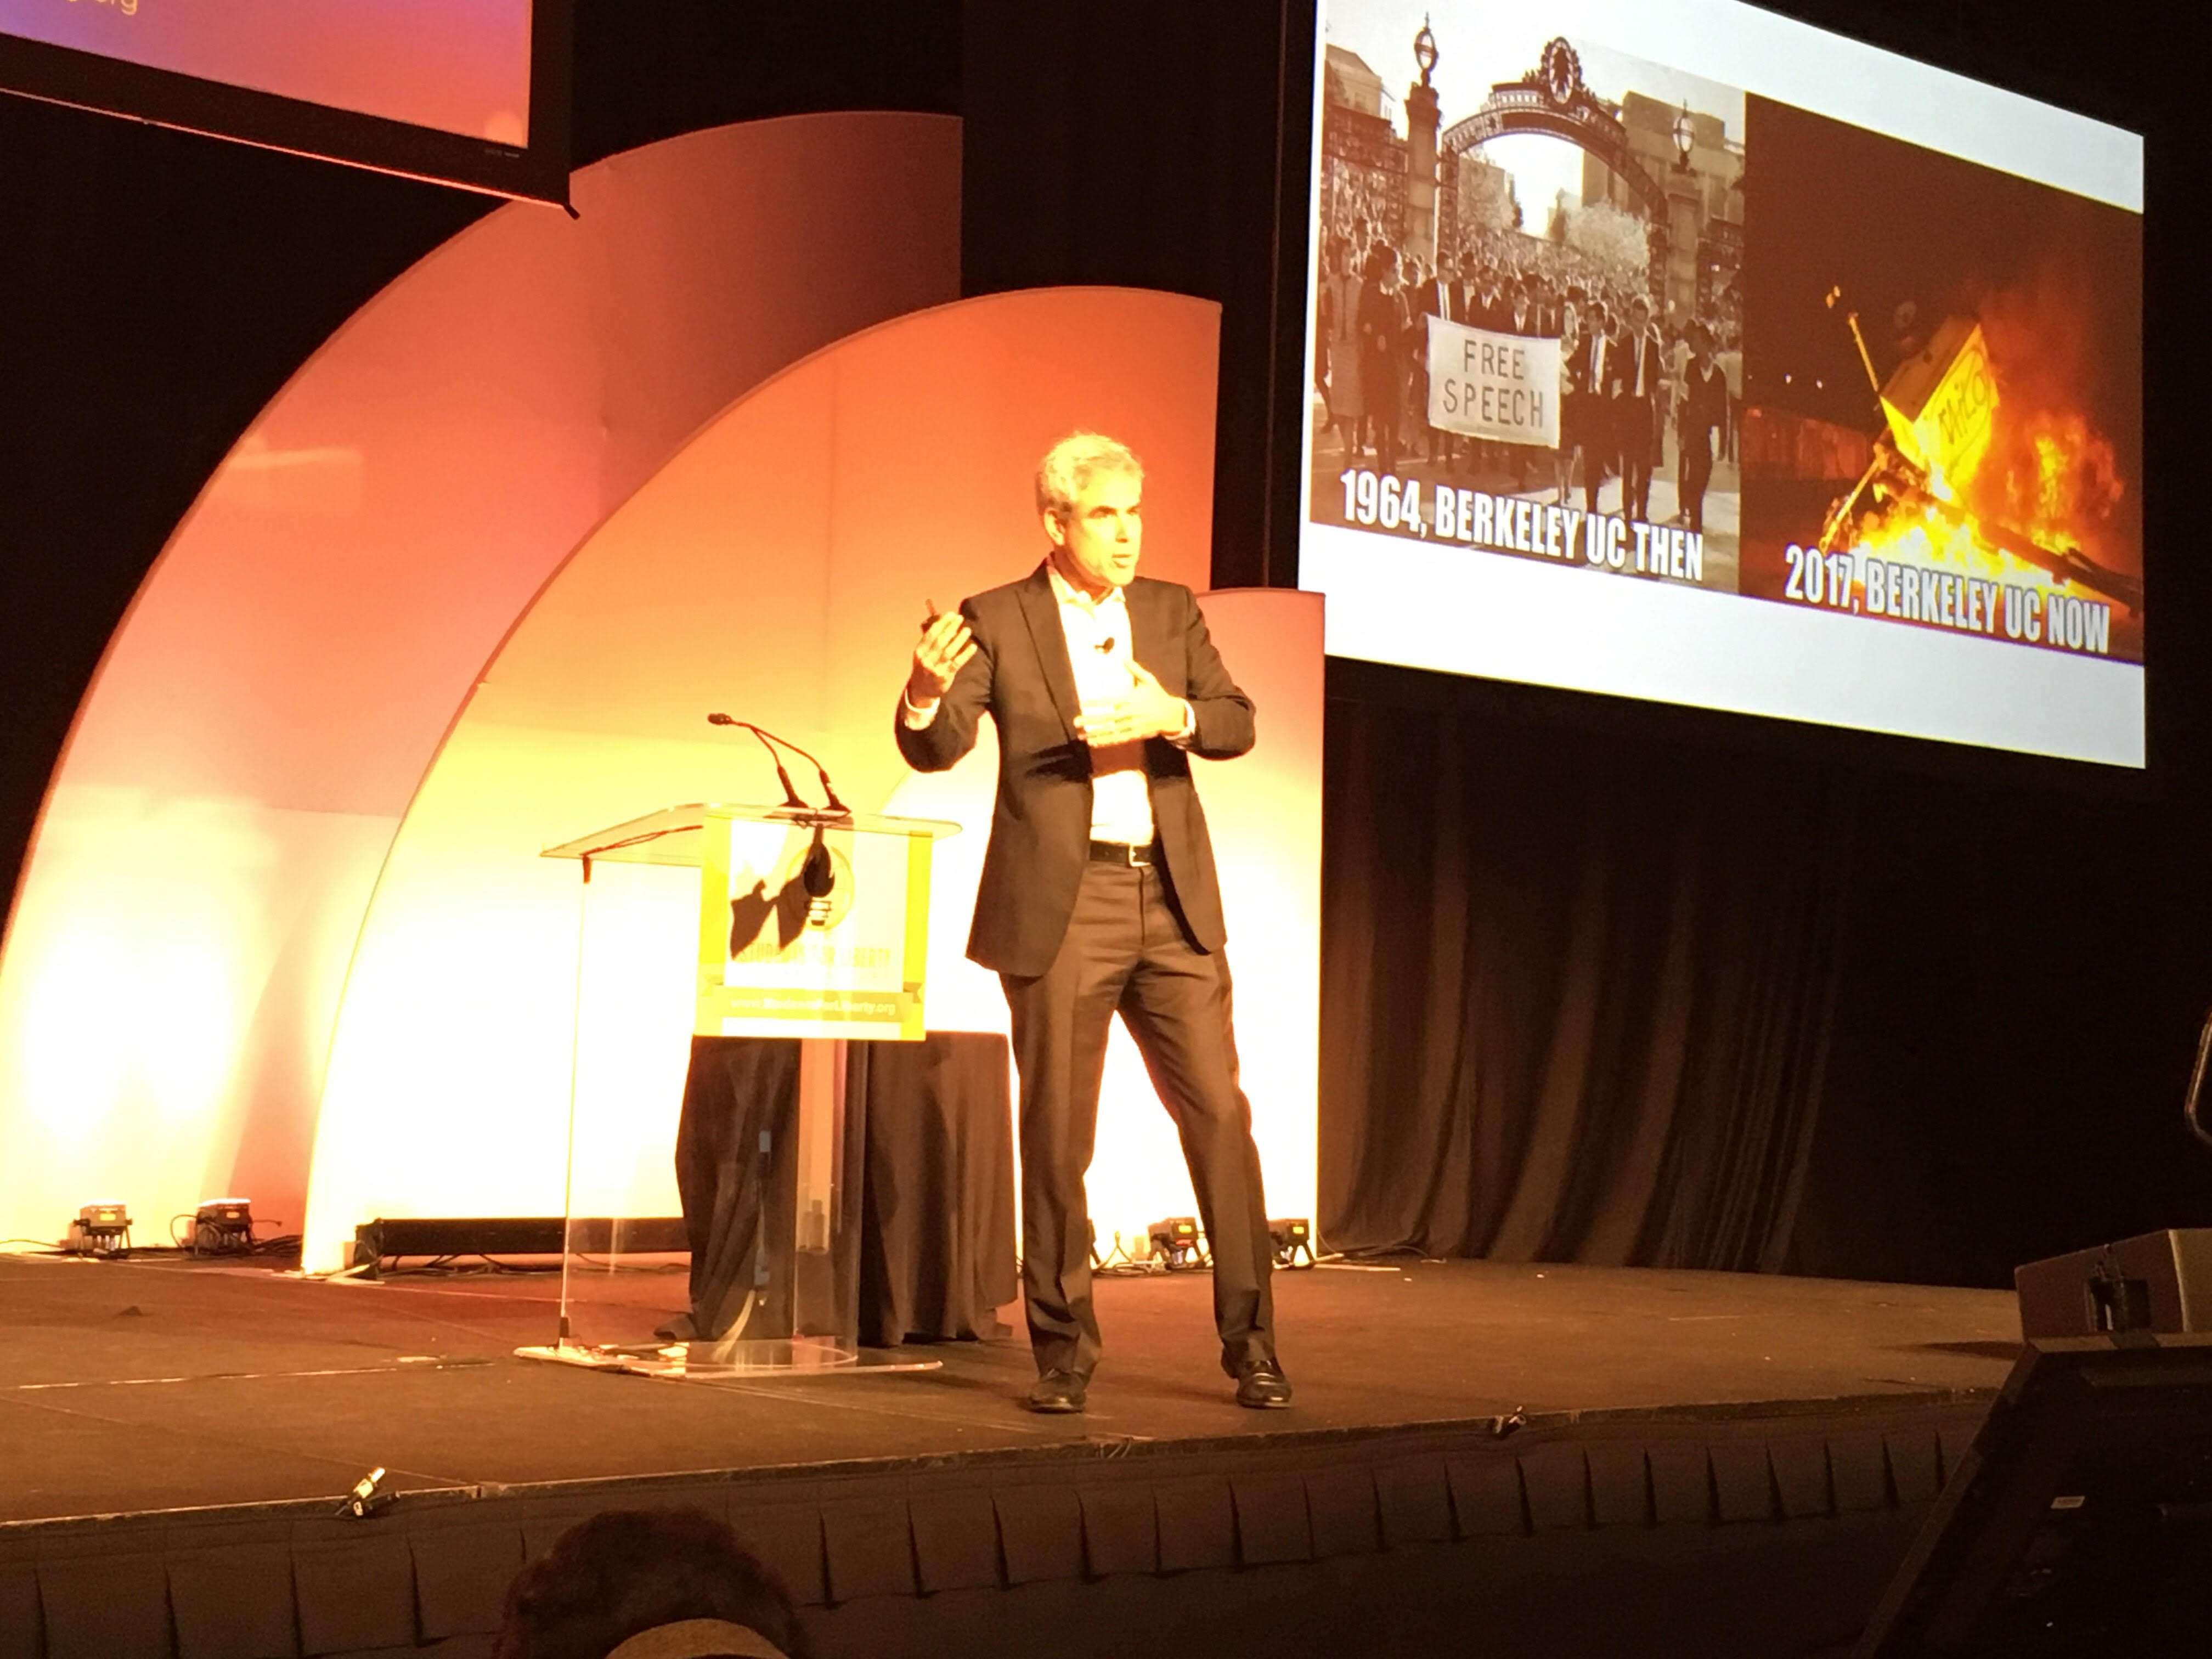 Jon Haidt at SFLcon